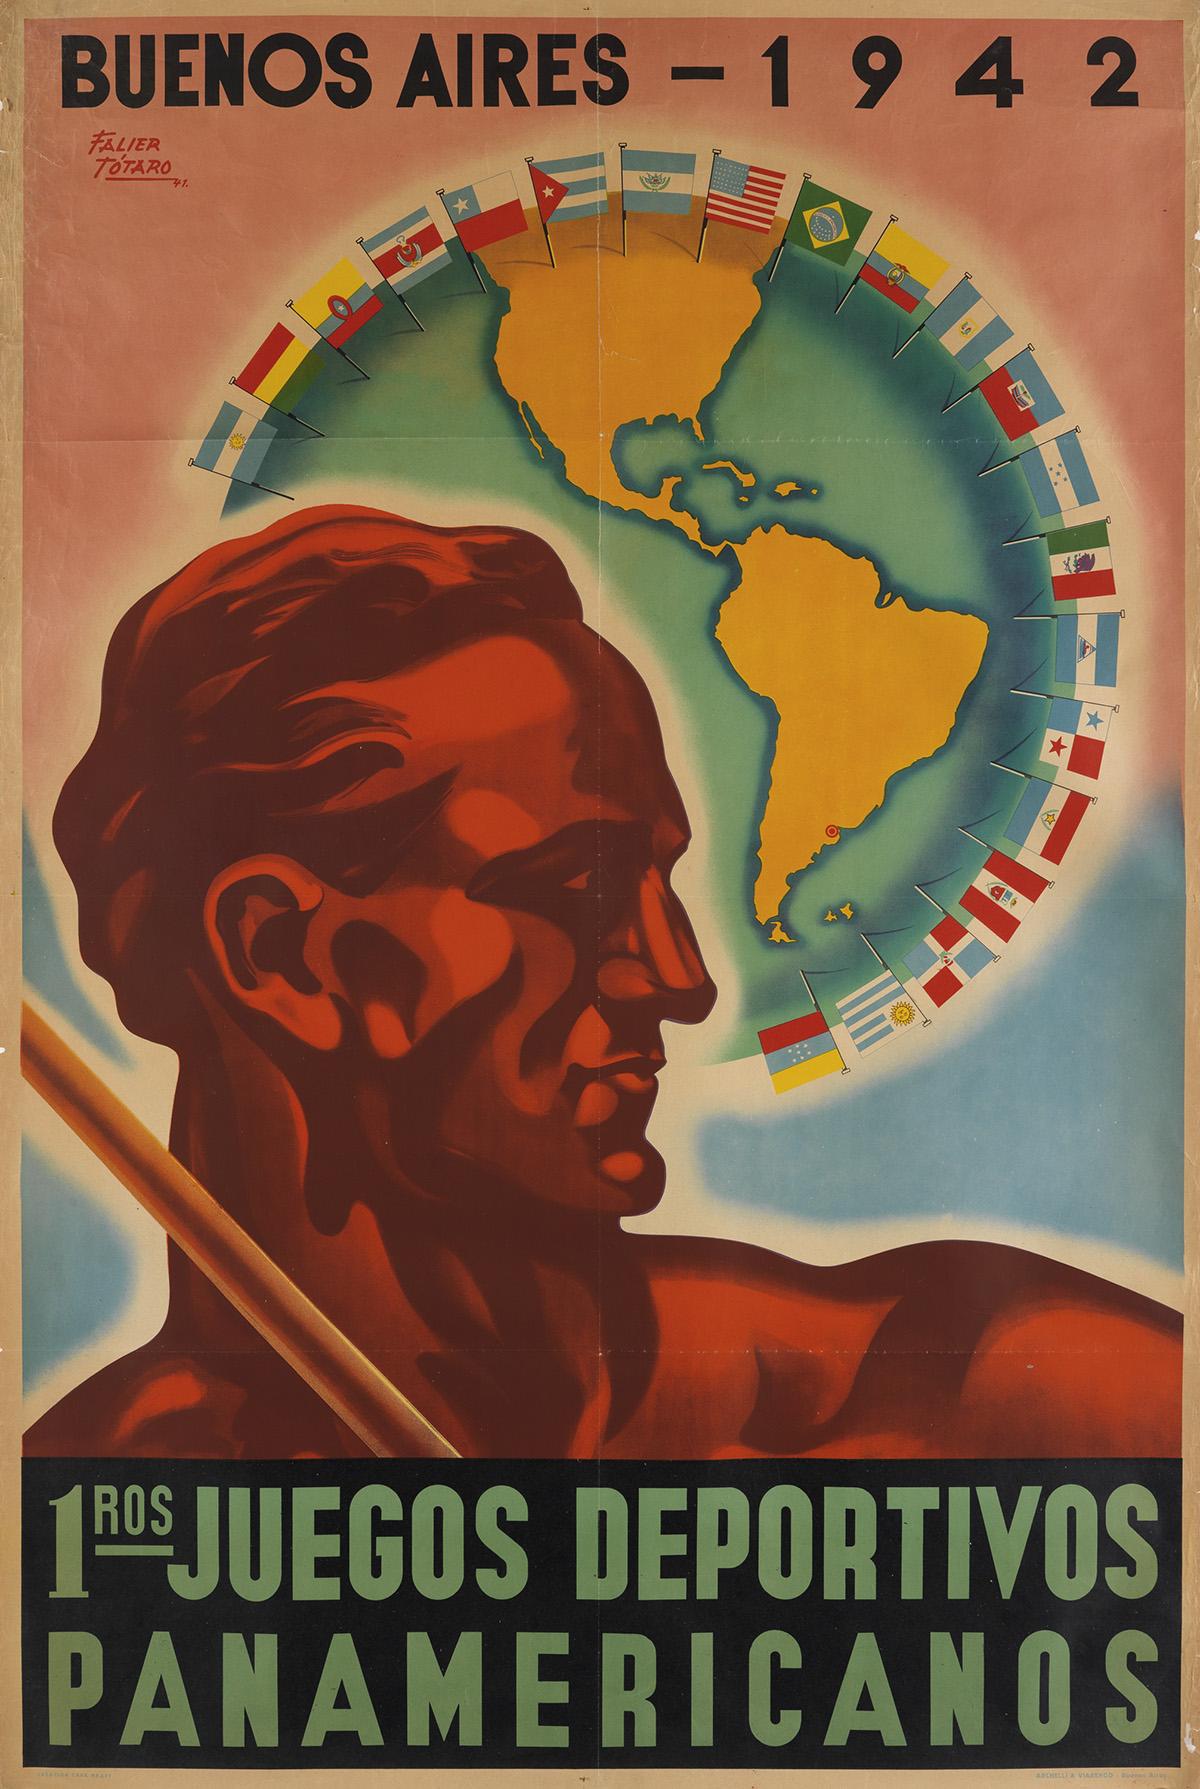 FALIER TOTARO (DATES UNKNOWN). 1ROS JUEGOS DEPORTIVOS PANAMERICANOS. 1941. 43x29 inches, 110x73 cm. Archelli & Viarengo, Buenos Aires.